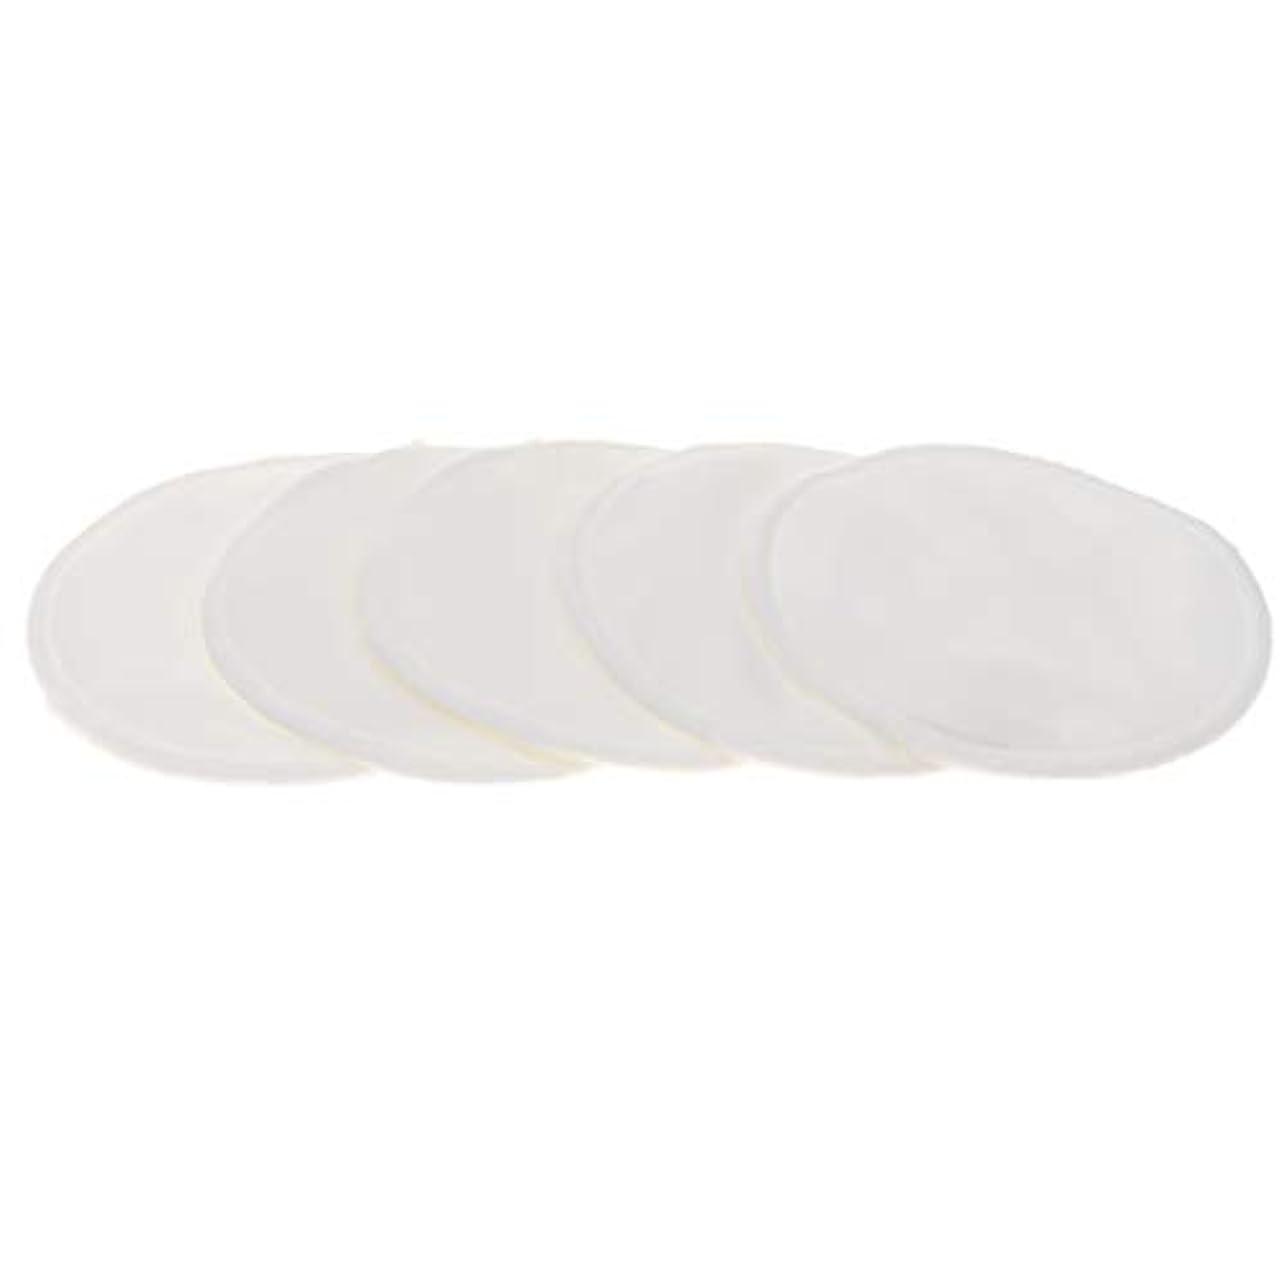 ガラス詩補充胸パッド クレンジングシート メイク落とし用 竹繊維 円形 12cm 吸収性 再使用可能 5個 全5色 - 白